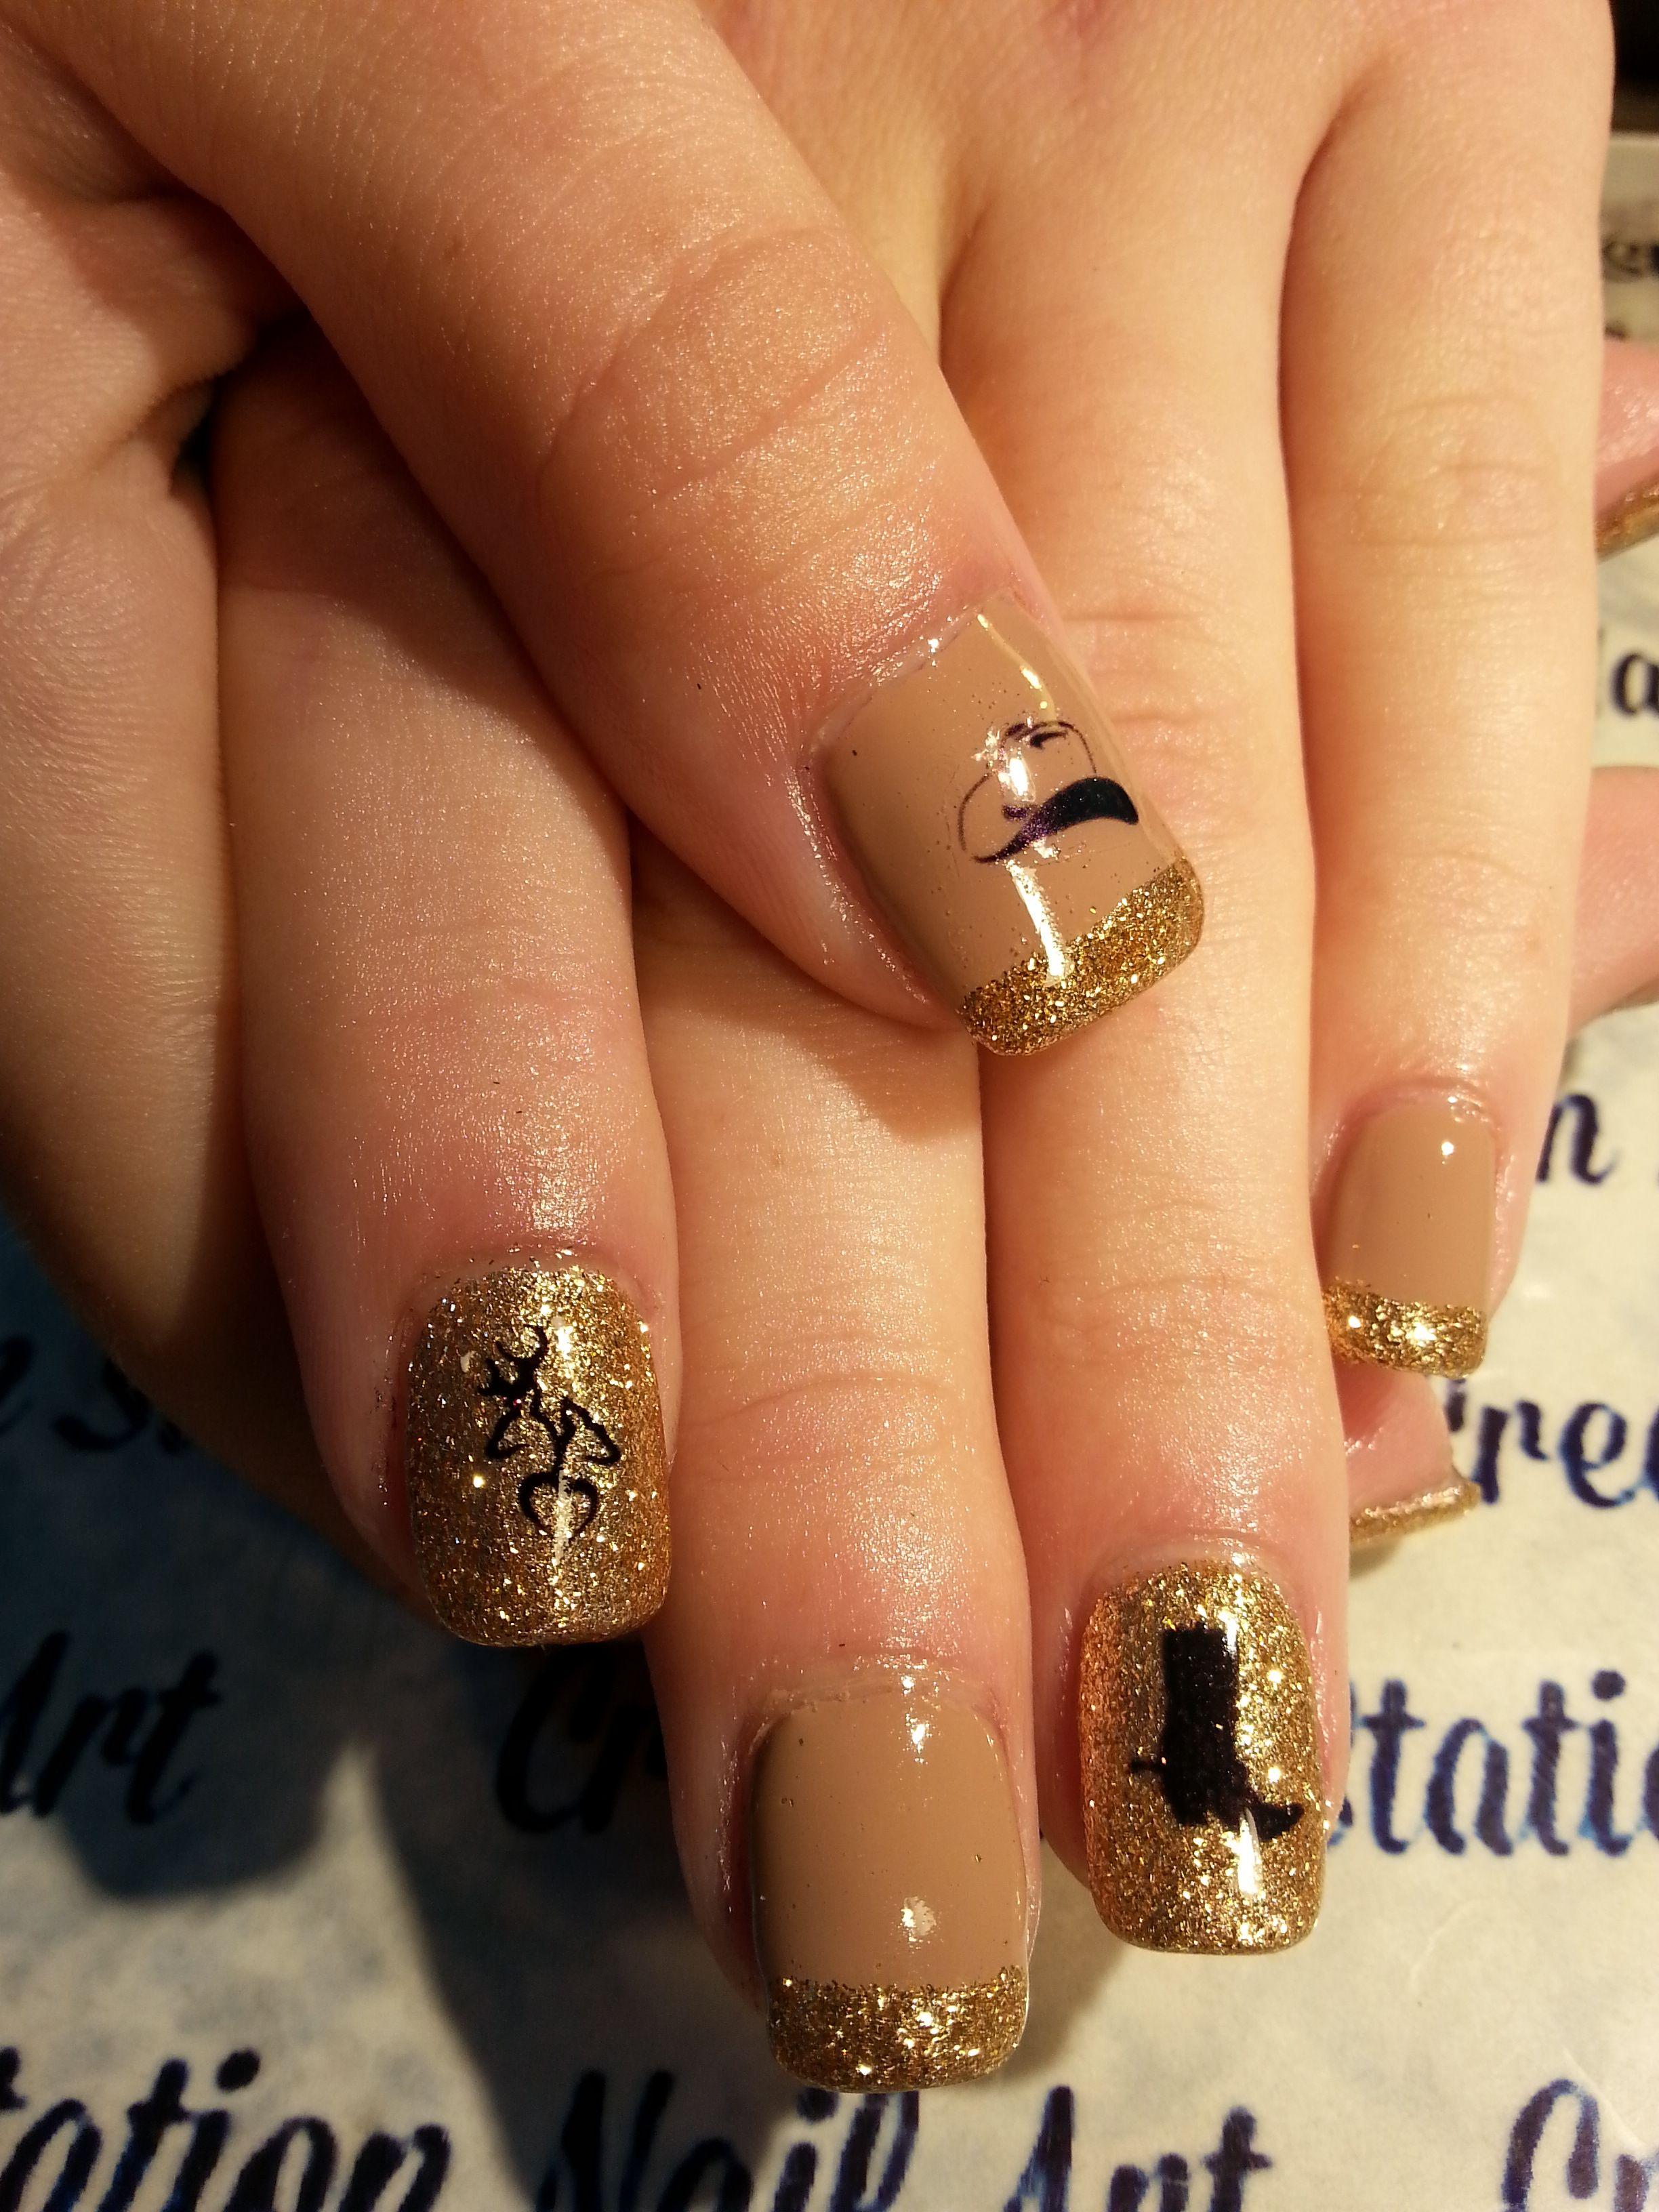 Pin By Rita Loves Nail Art On Country Girl Camo Nail Art